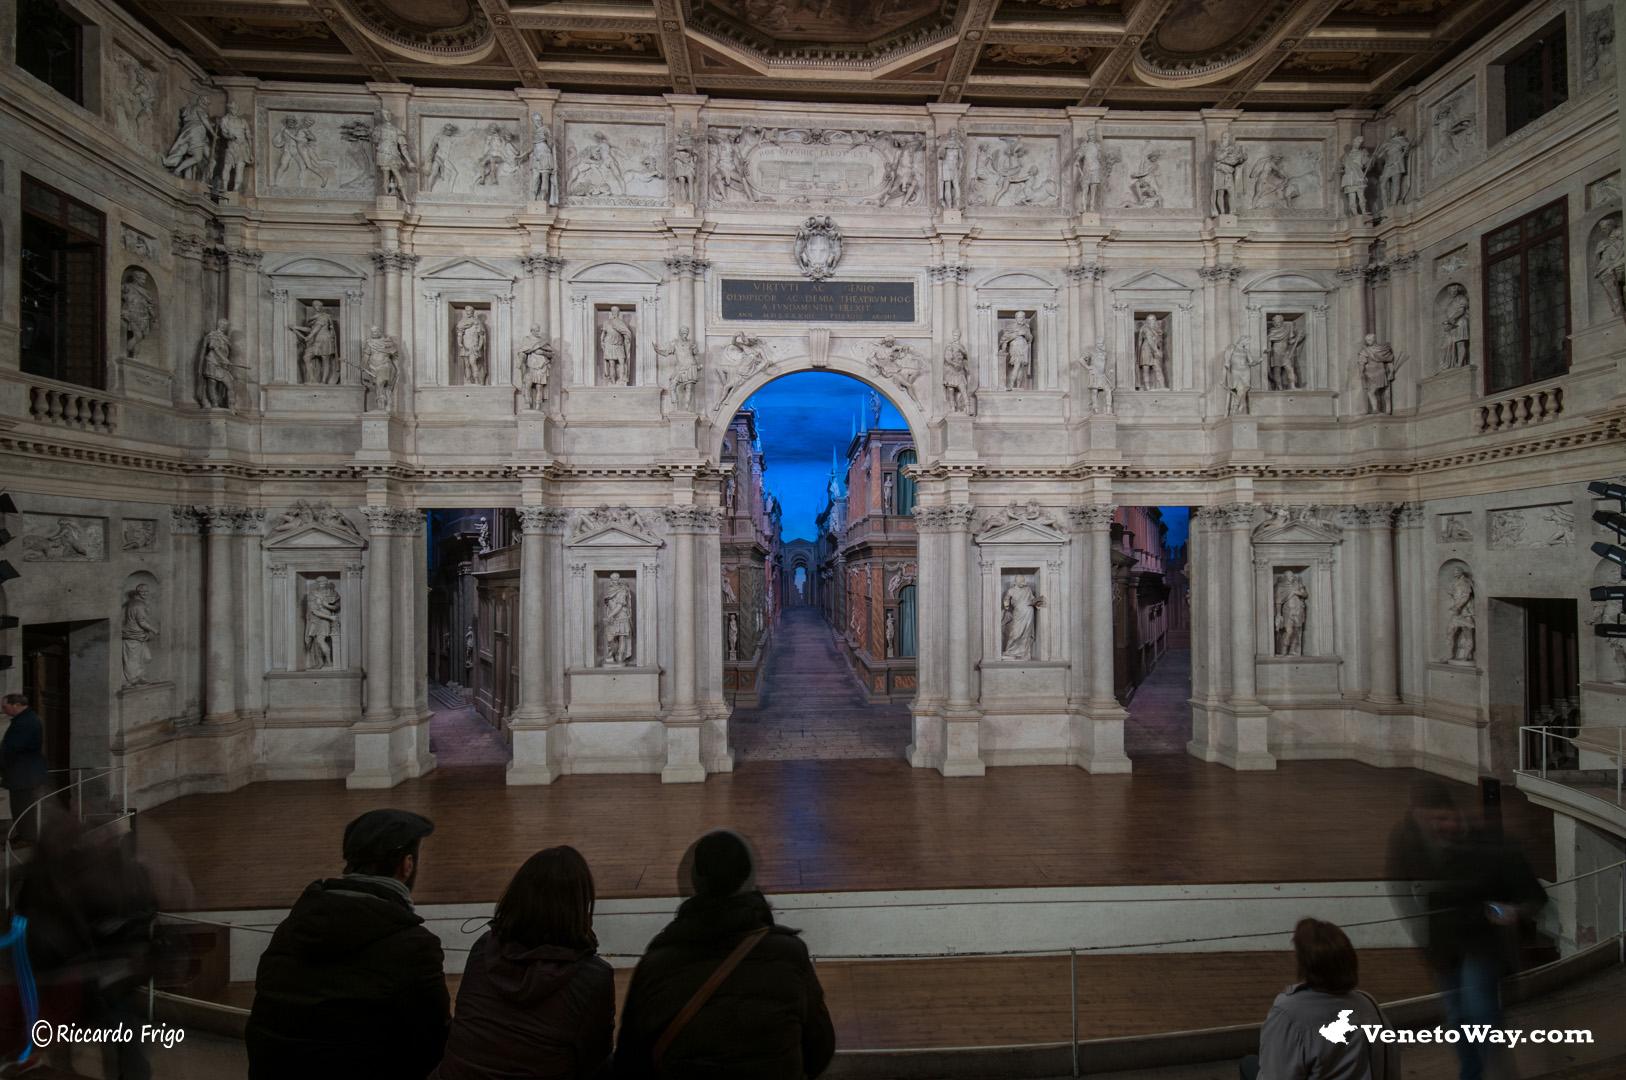 Teatro Olimpico